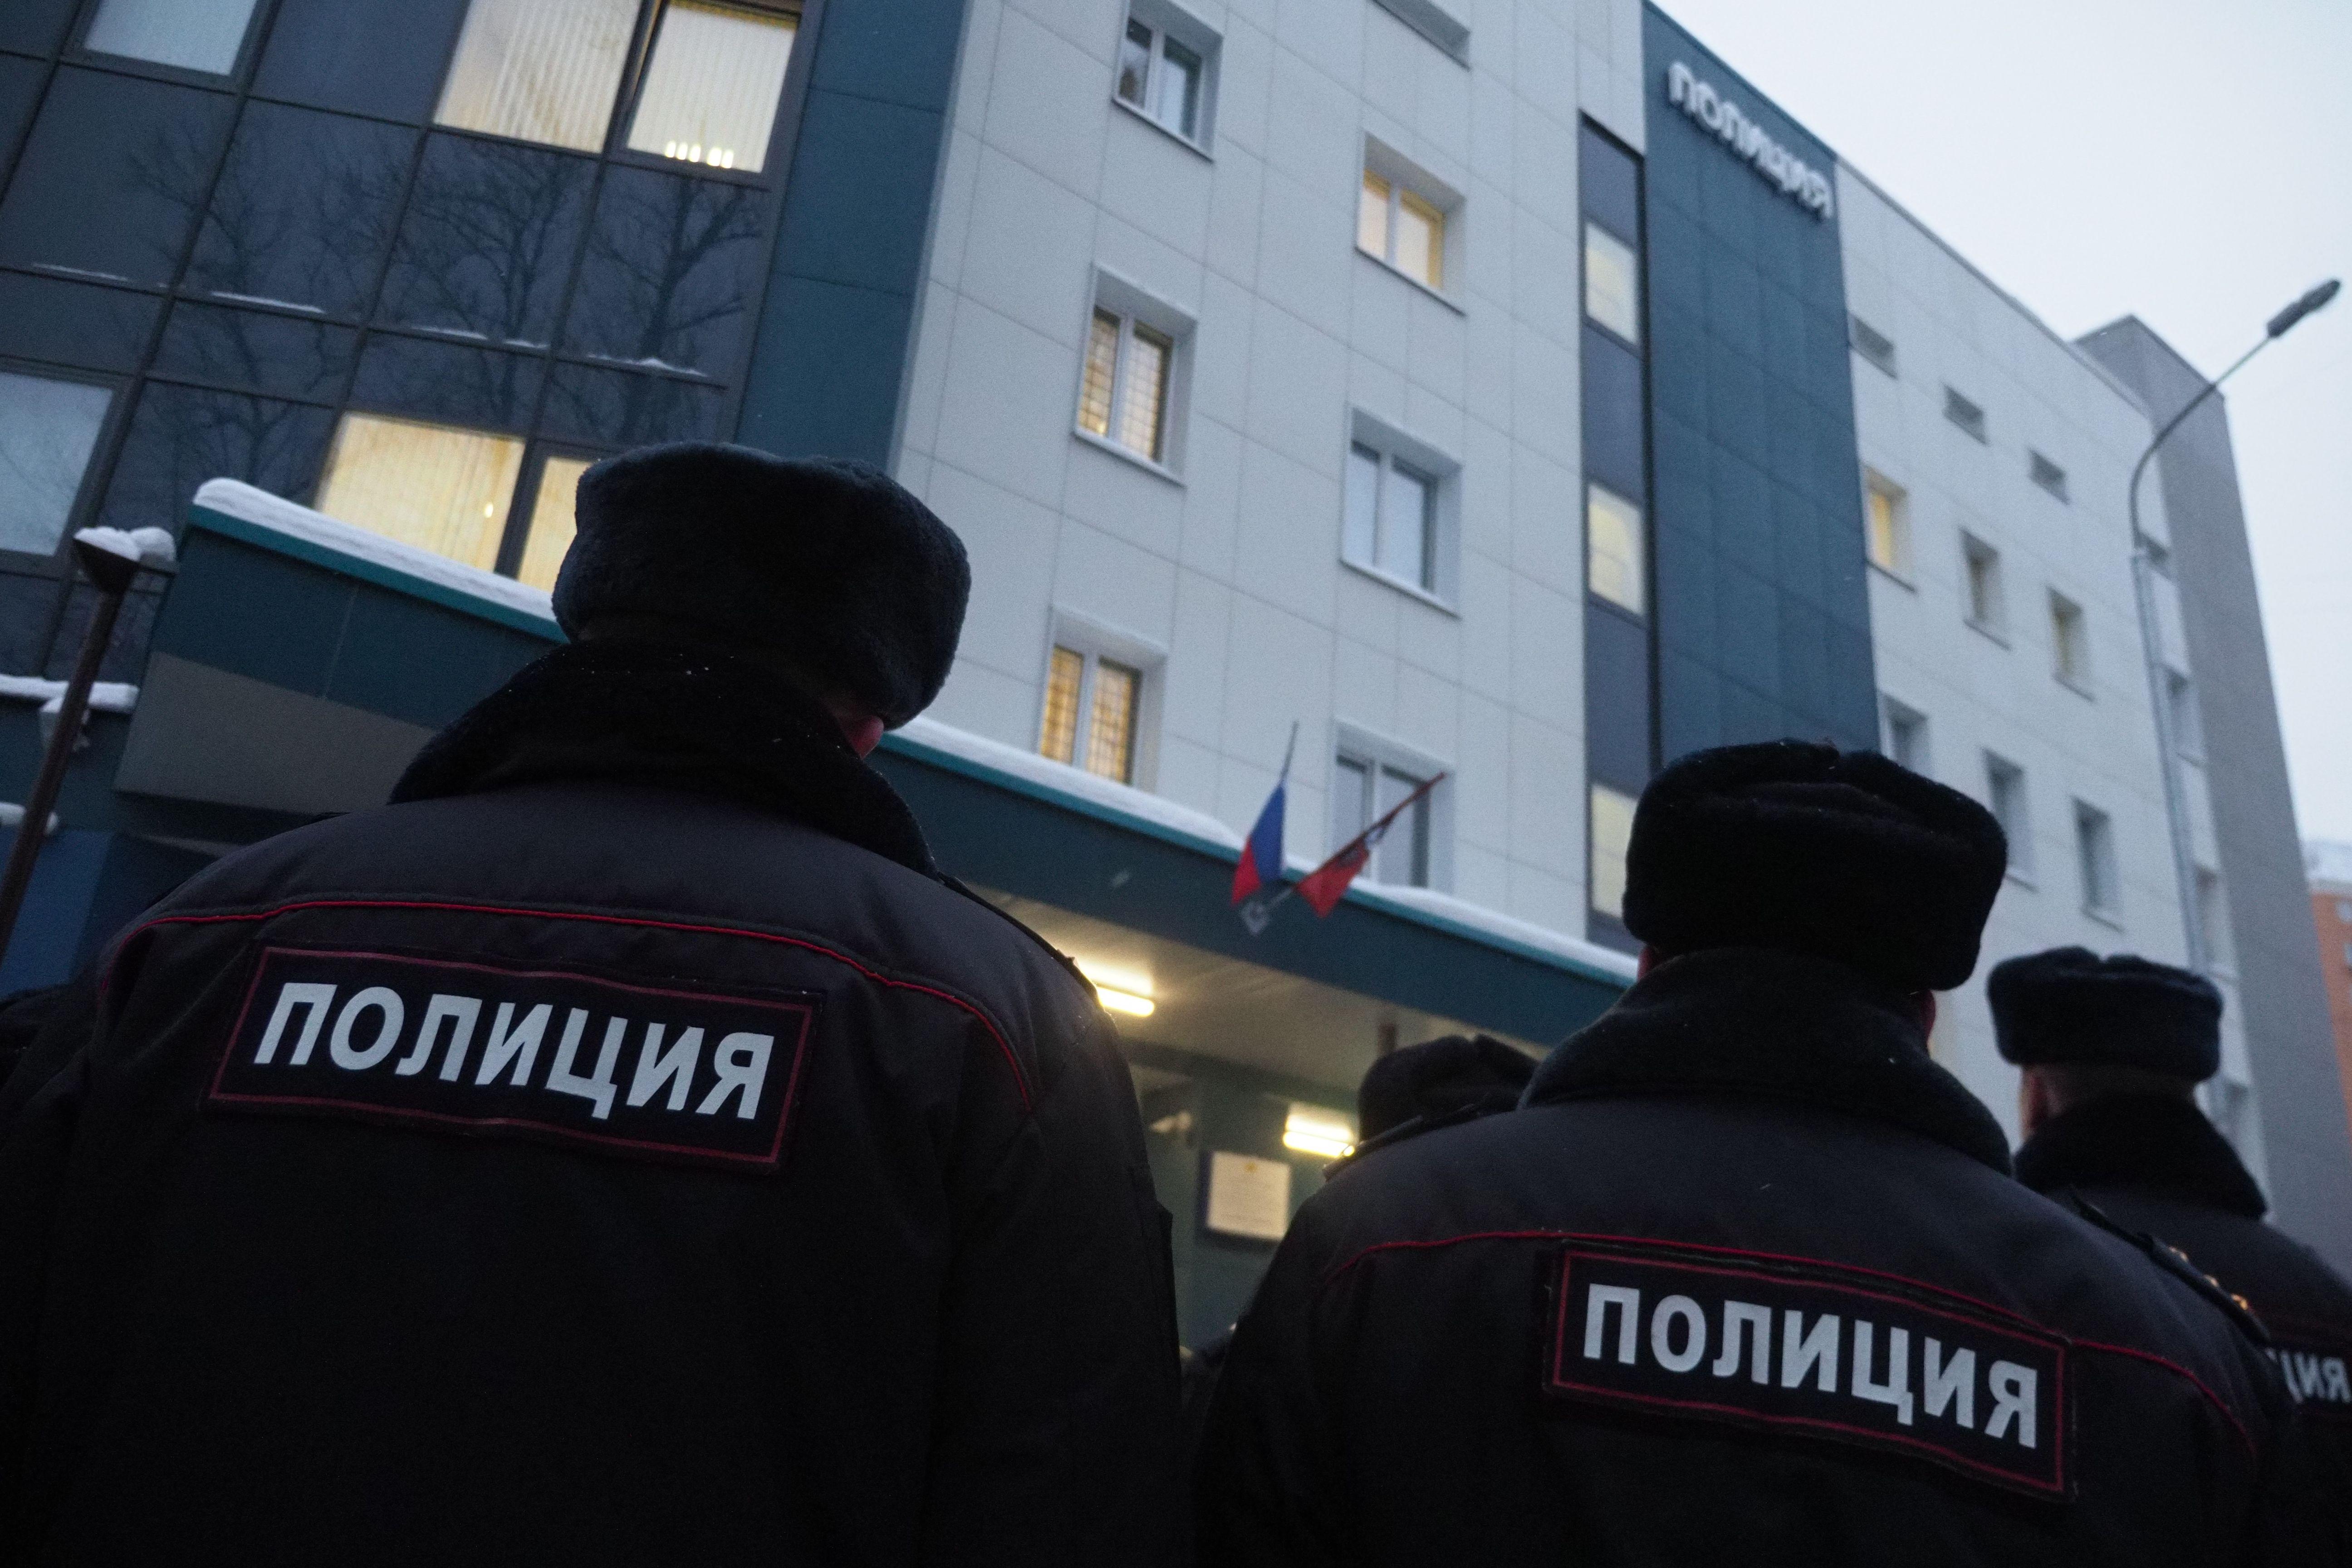 Бездомные напали на москвича с пистолетом и попали в полицию